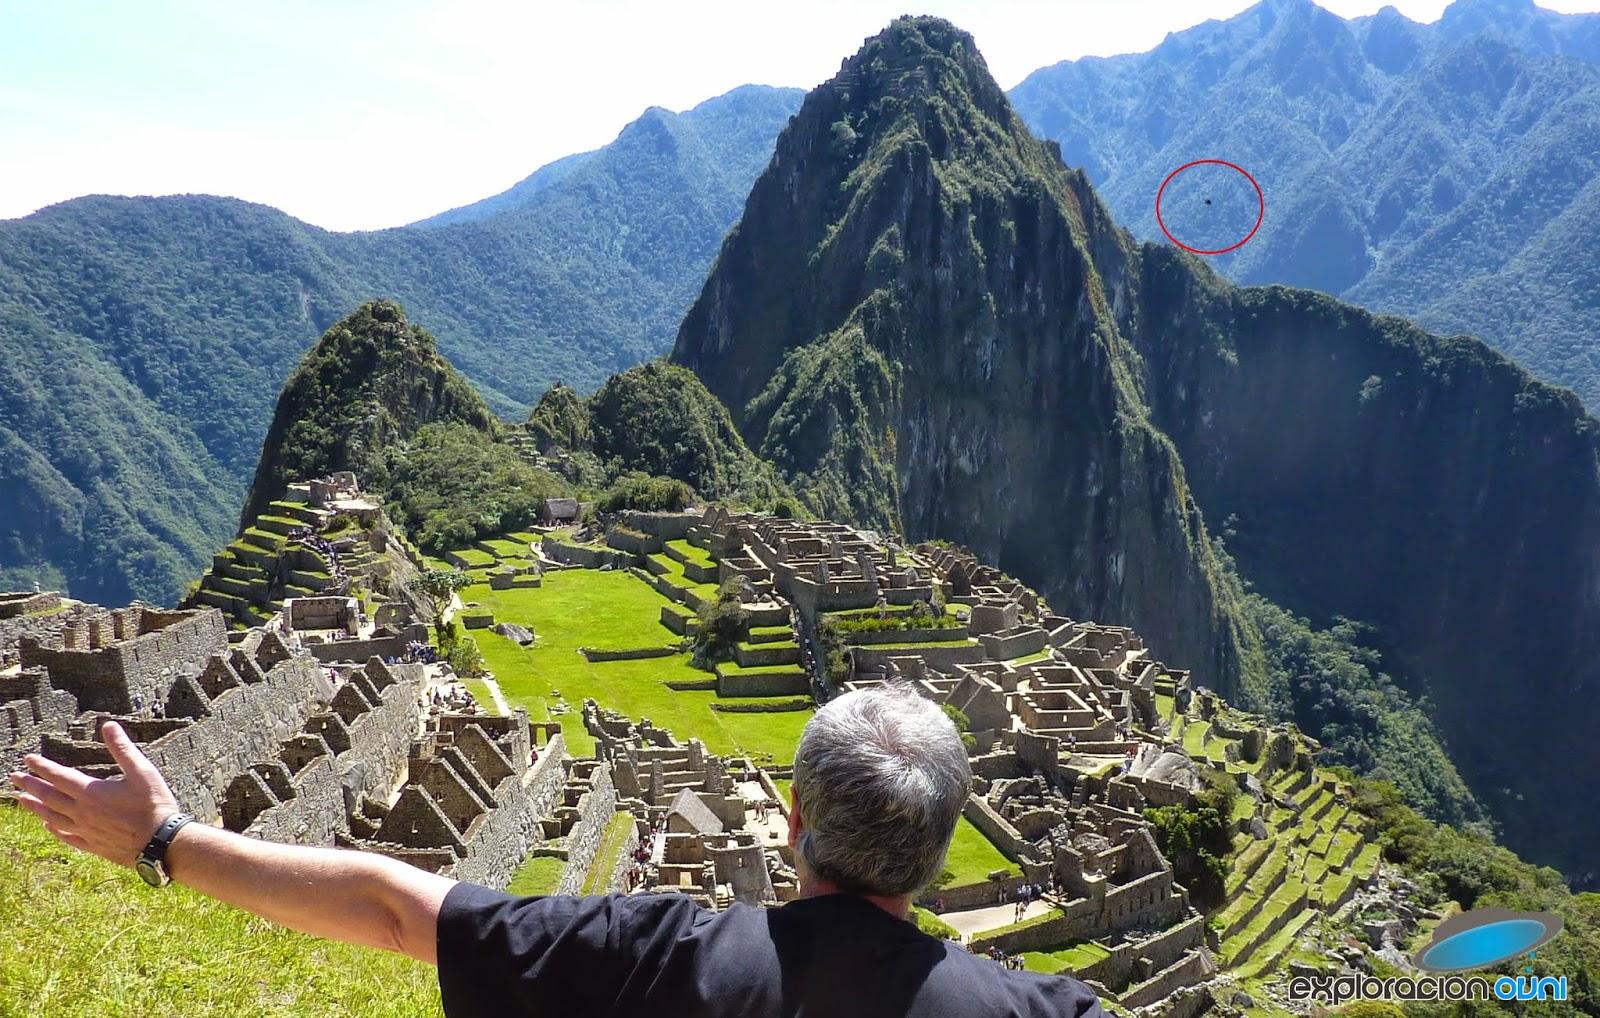 Anomalía encontrada en fotografía de Machu Picchu tomada por turista uruguayo